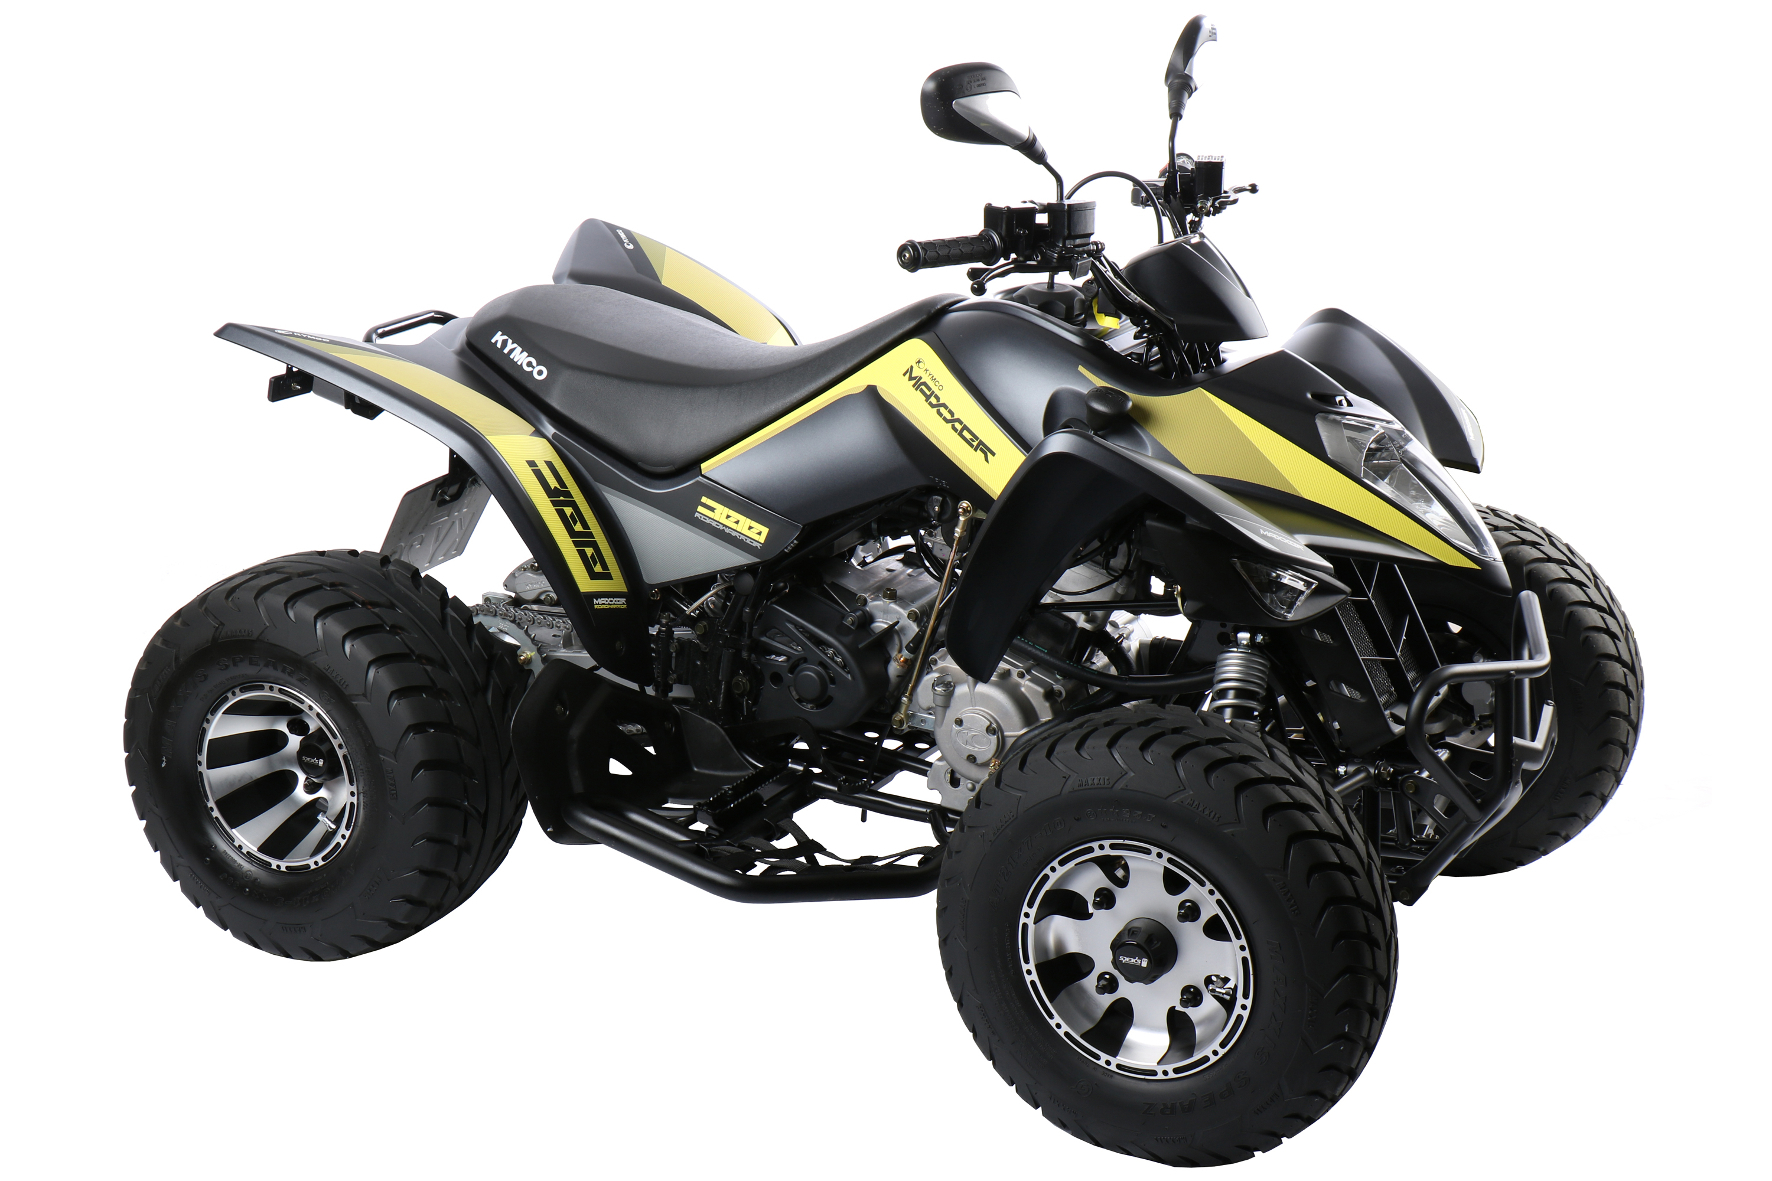 mid Groß-Gerau - Speeds Performance Parts bietet ab sofort einen Alufelgen-Satz für ATVs und Quads an.